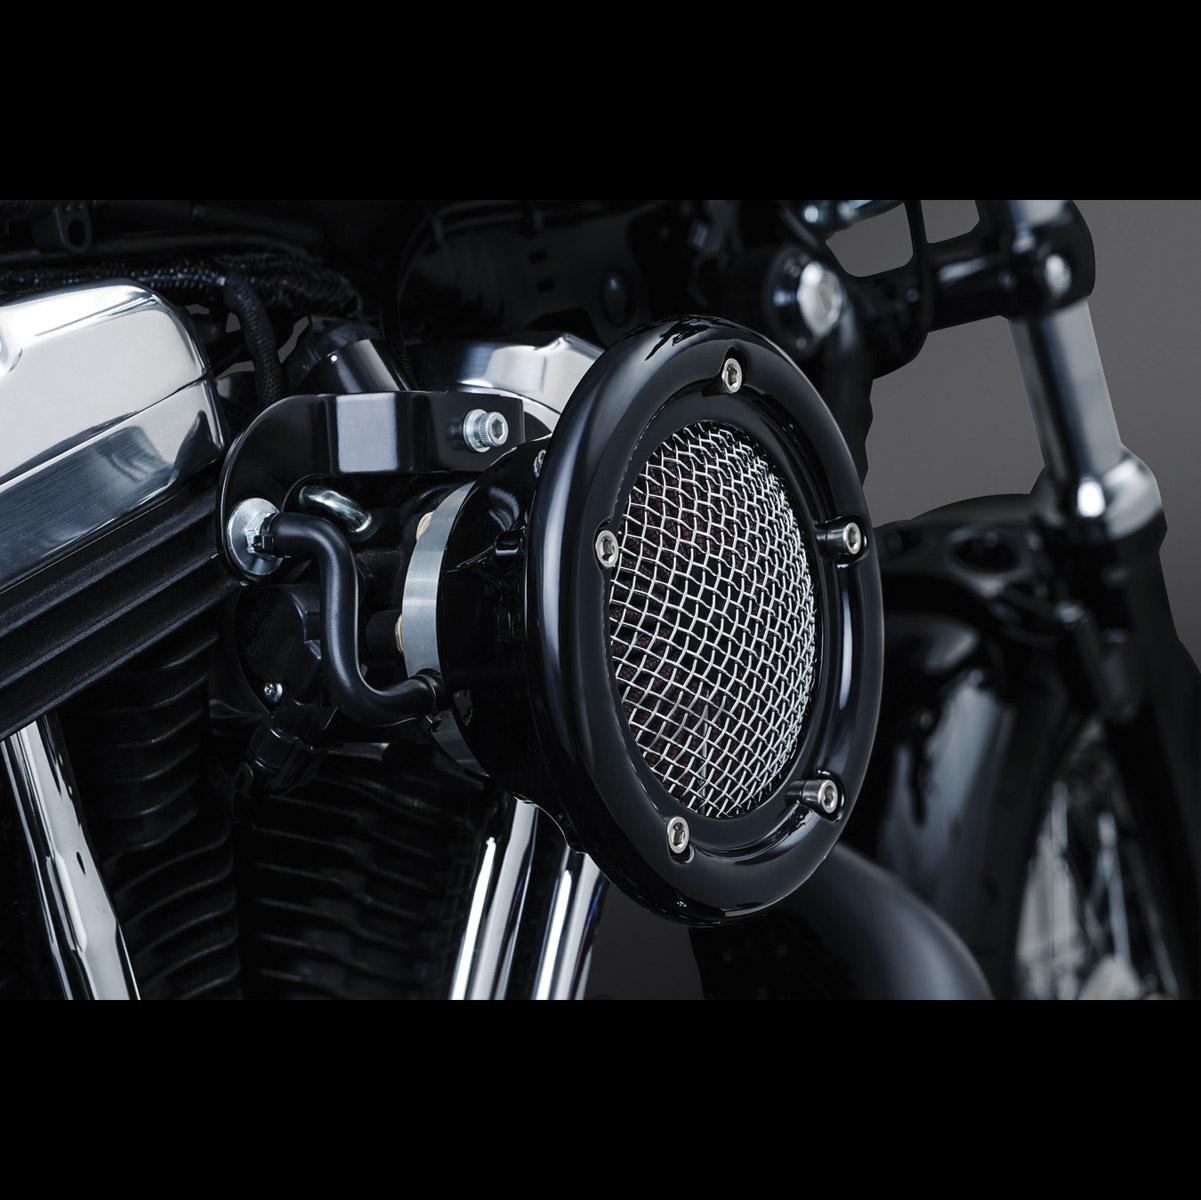 Air Intake Fuel Systems Jp Cycles 1997 Harley Sportster Carb Diagram Kuryakyn Black Velociraptor Cleaner Kit